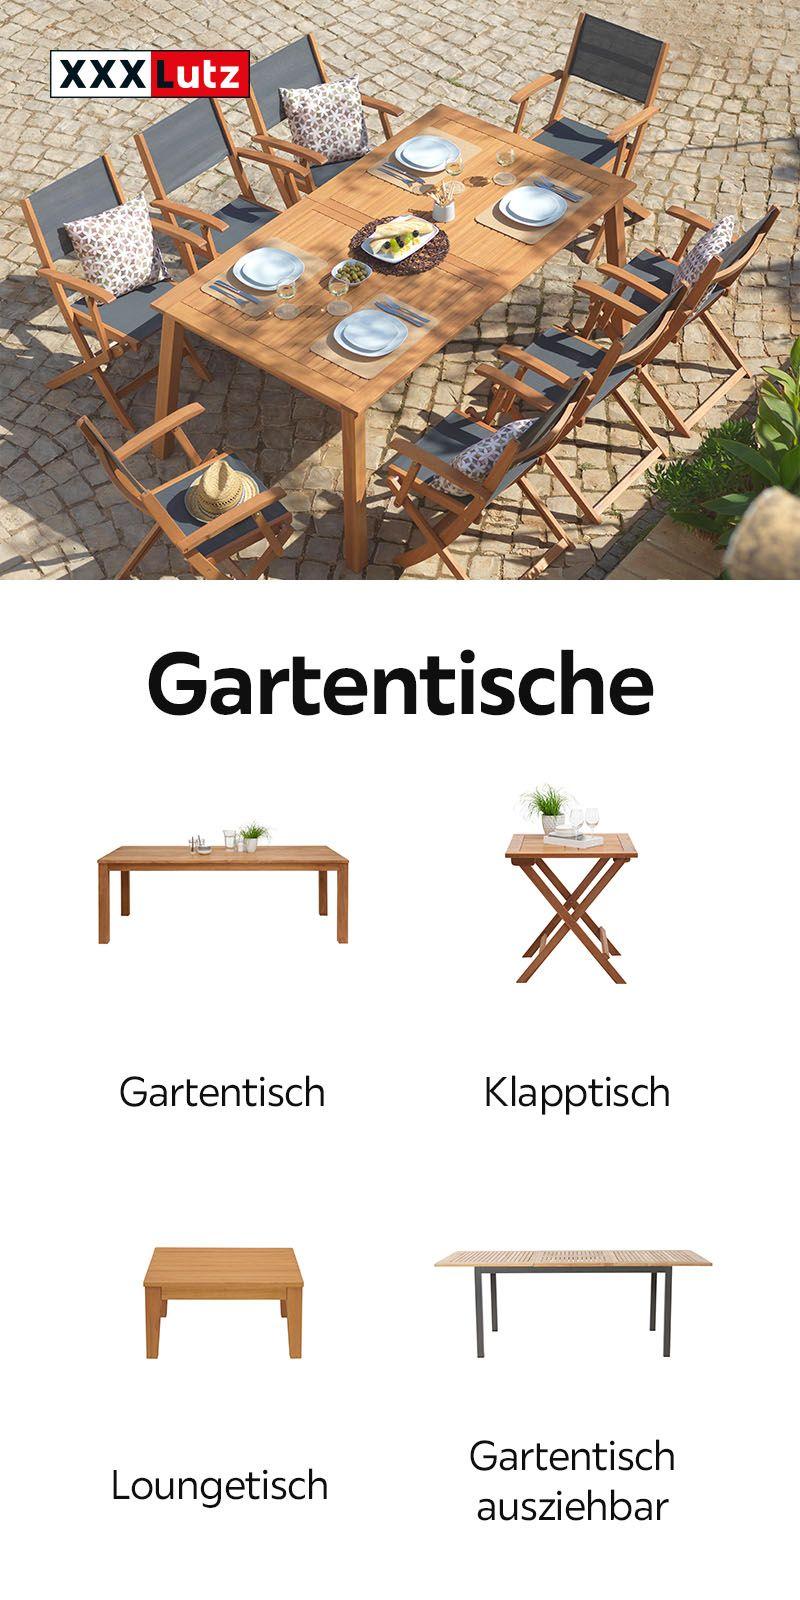 Gartentische Klapptisch Loungetisch Gartentisch Ausziehbar Holztisch Draussen Garten Gartensaison In 2020 Gartentisch Terrassen Tische Holztisch Draussen